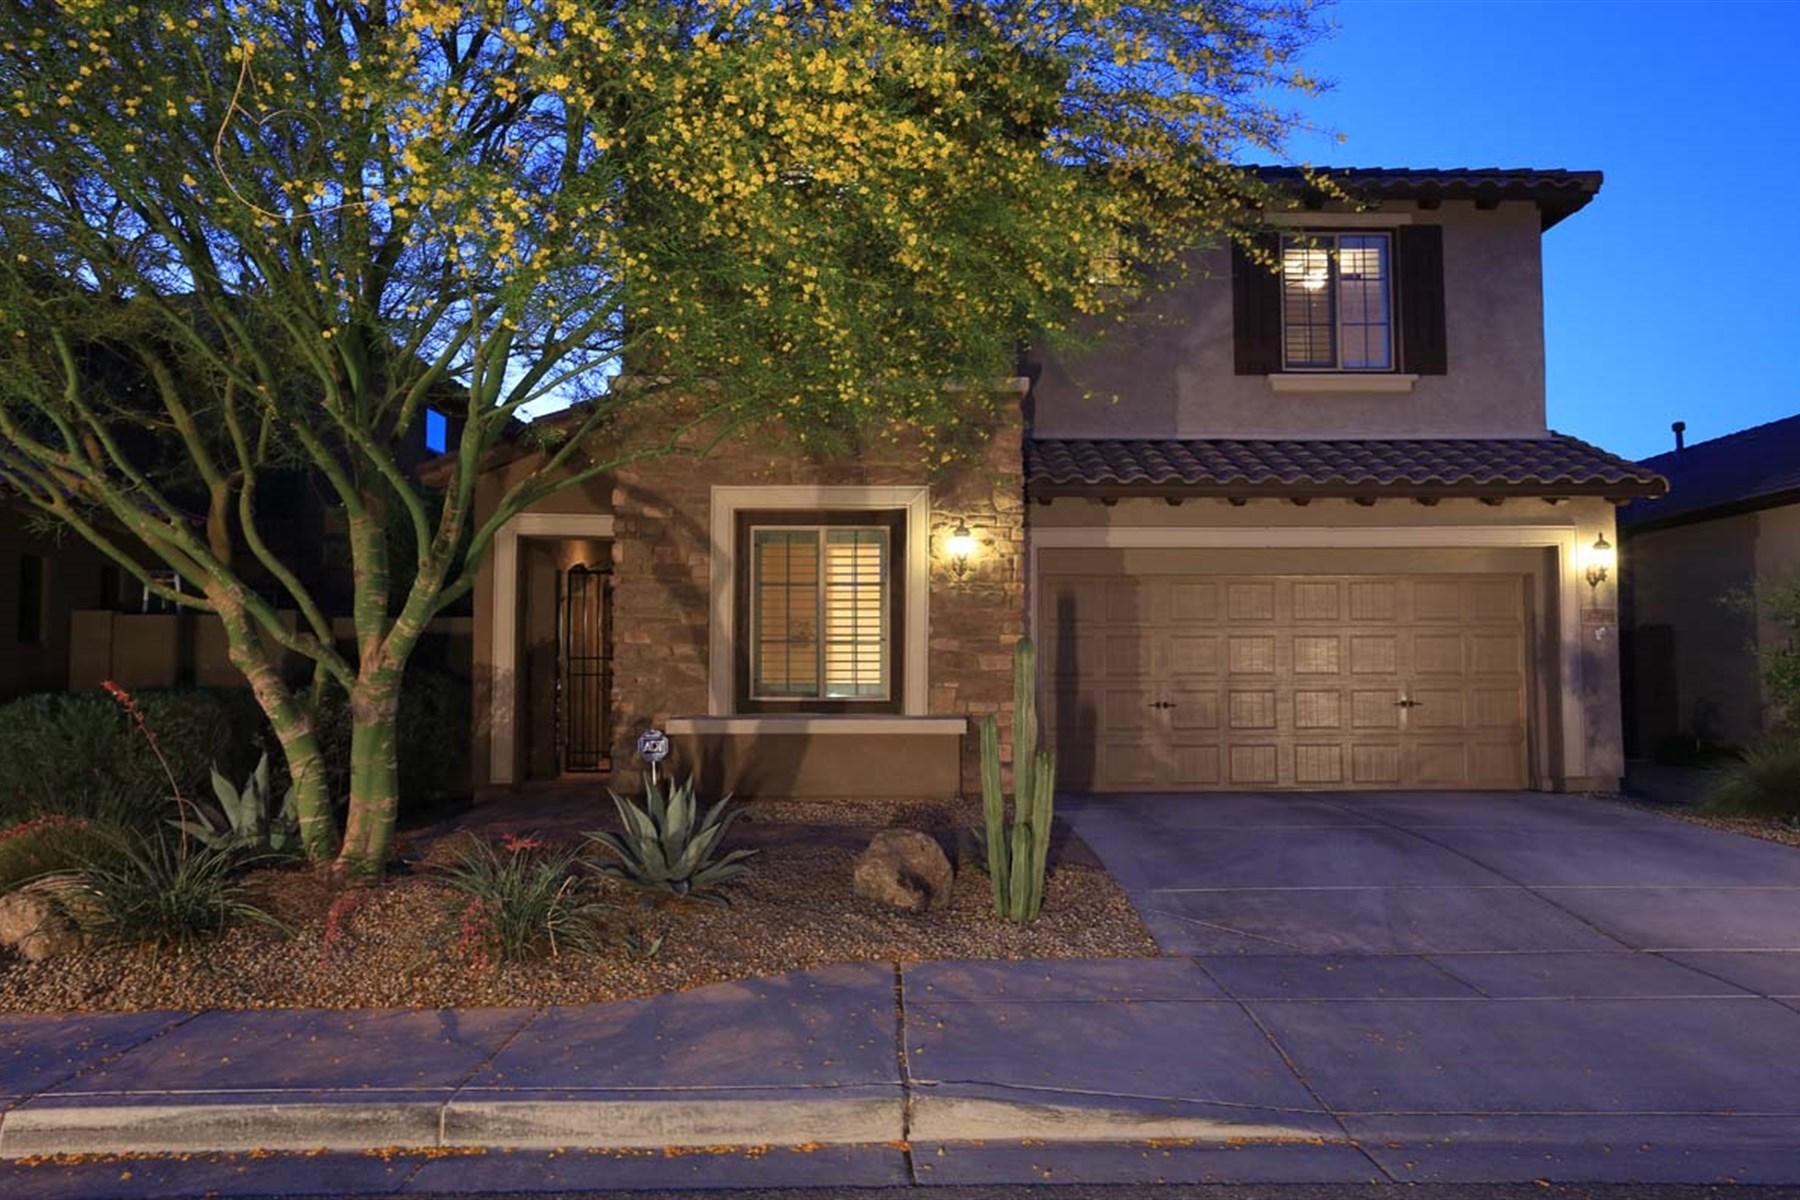 Частный односемейный дом для того Продажа на Beautifully upgraded two-level Asacha floor plan 3718 E MATTHEW DR Phoenix, Аризона 85050 Соединенные Штаты